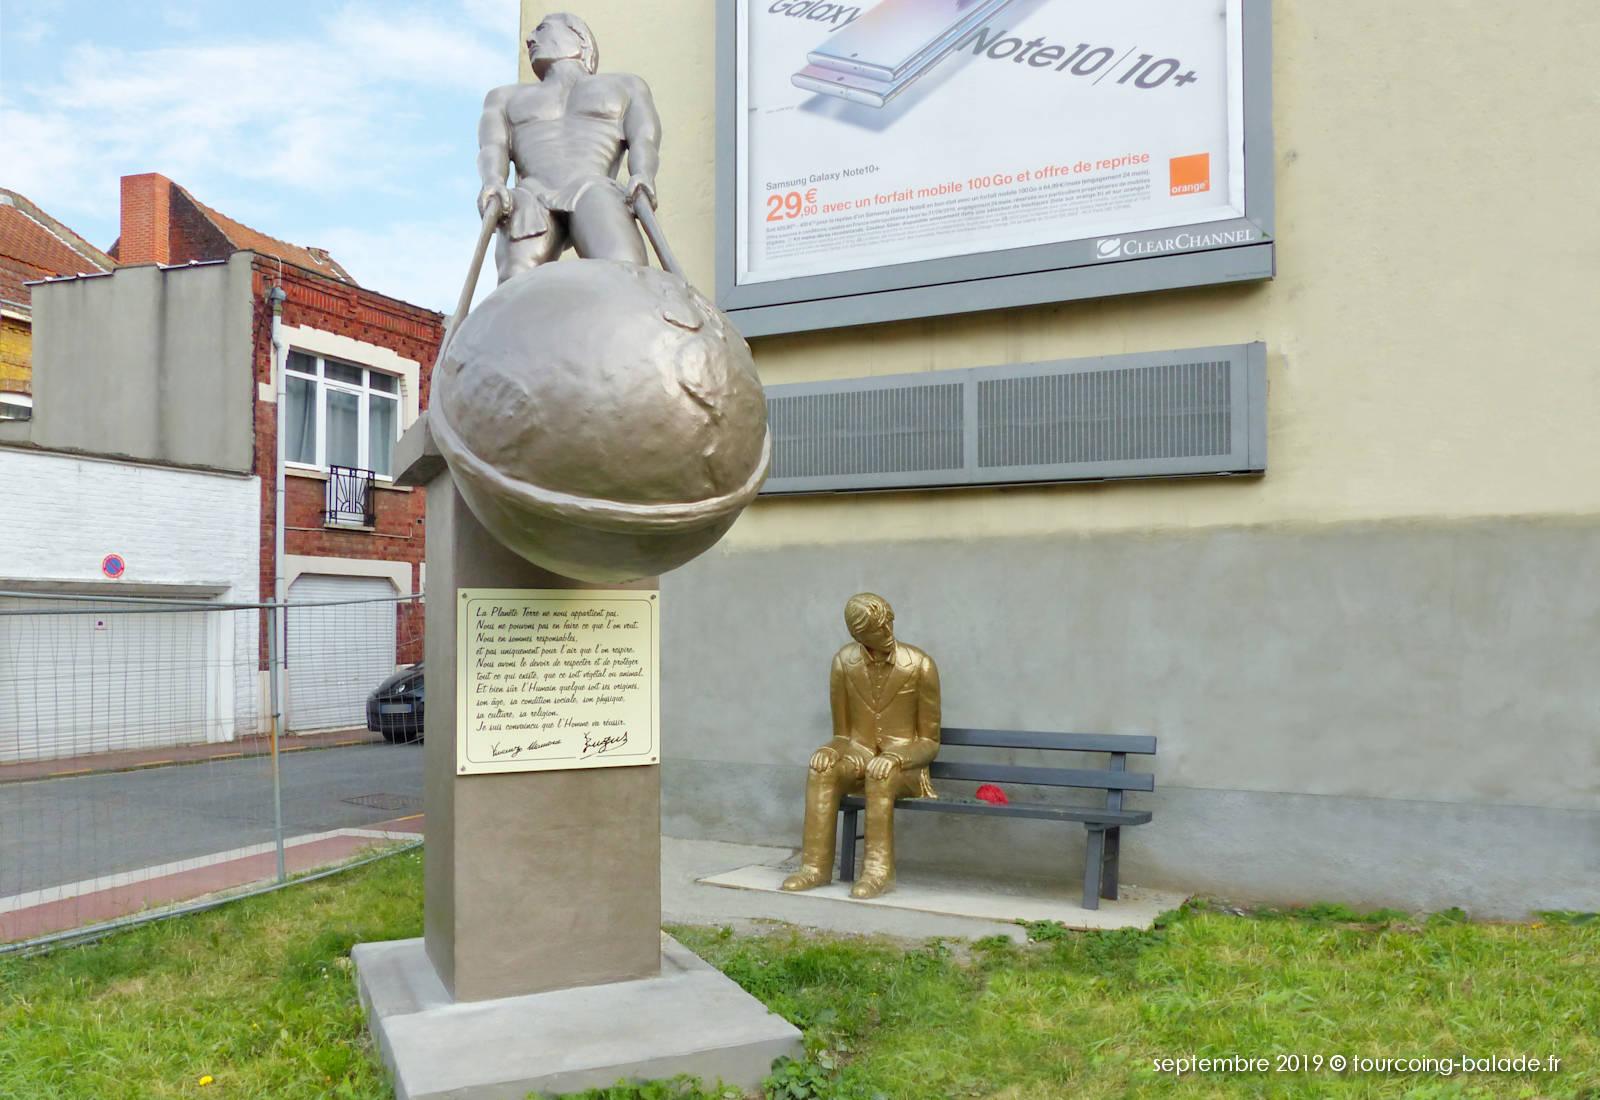 Enzus, L'Atlas moderne et l'homme en Or, Tourcoing.